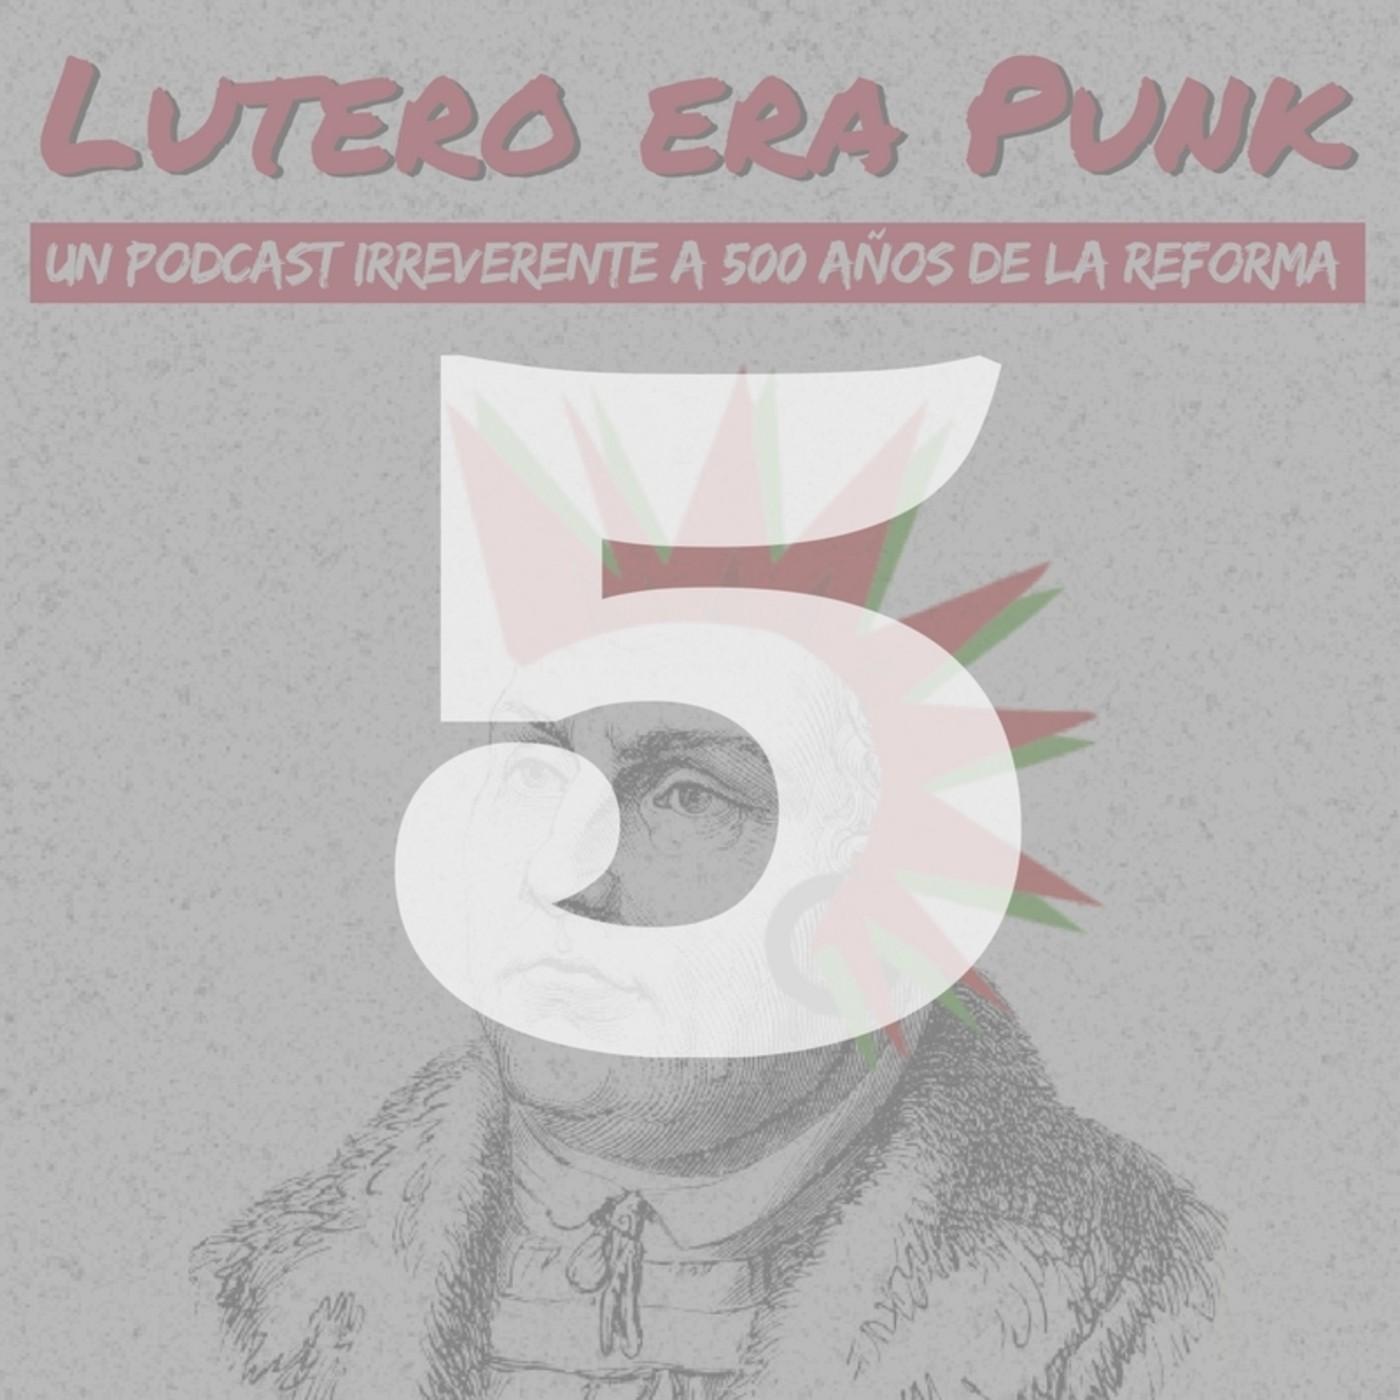 Lutero era punk | Capítulo 5